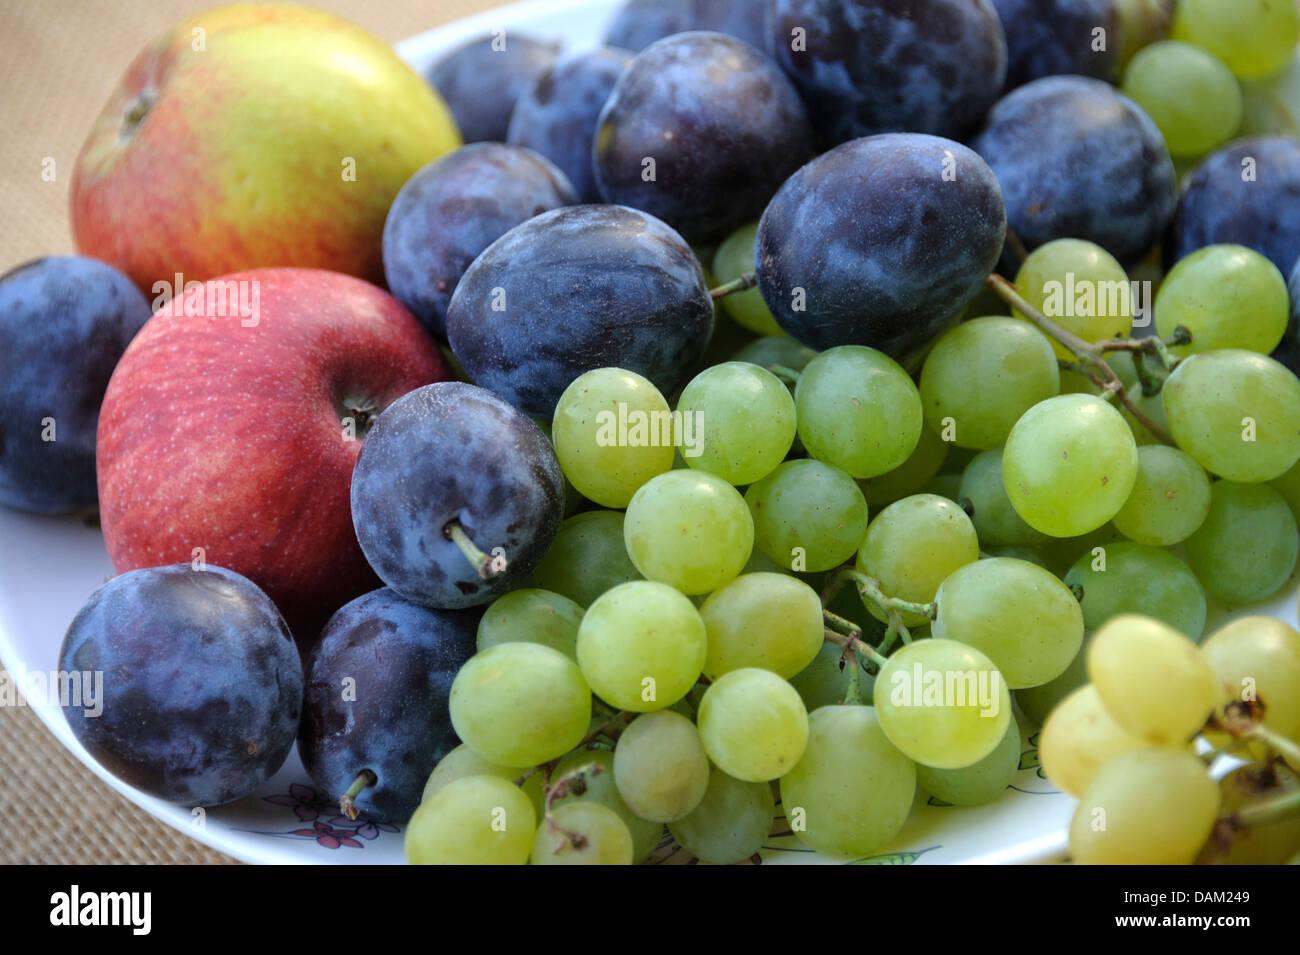 Les prunes, pommes et raisins sur une plaque Photo Stock